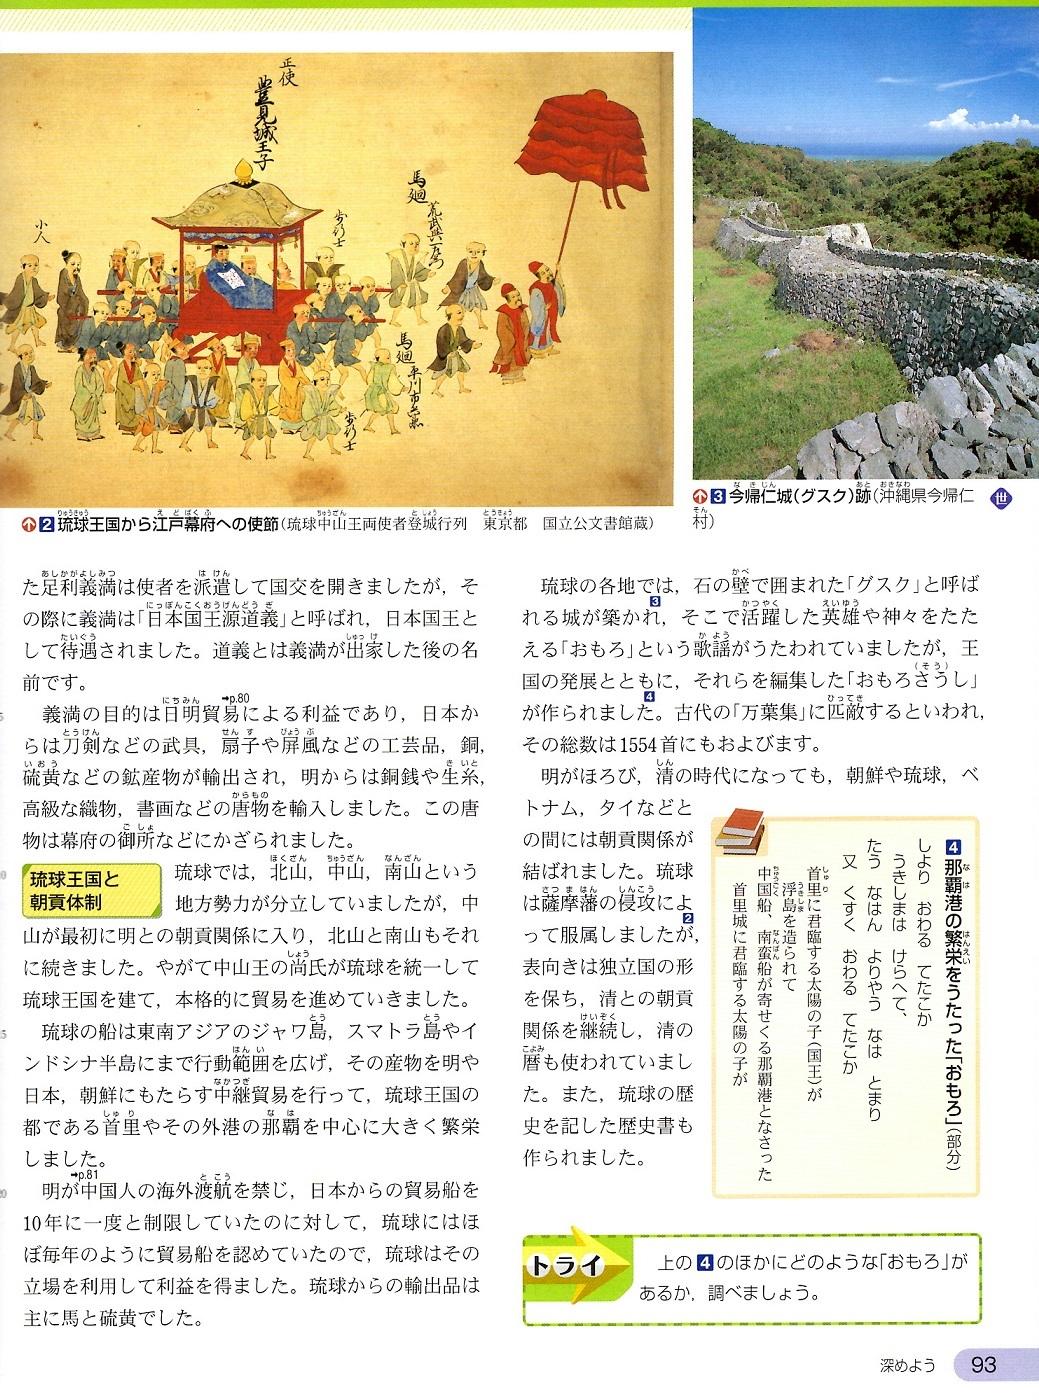 古代文明⑯ 東京書籍